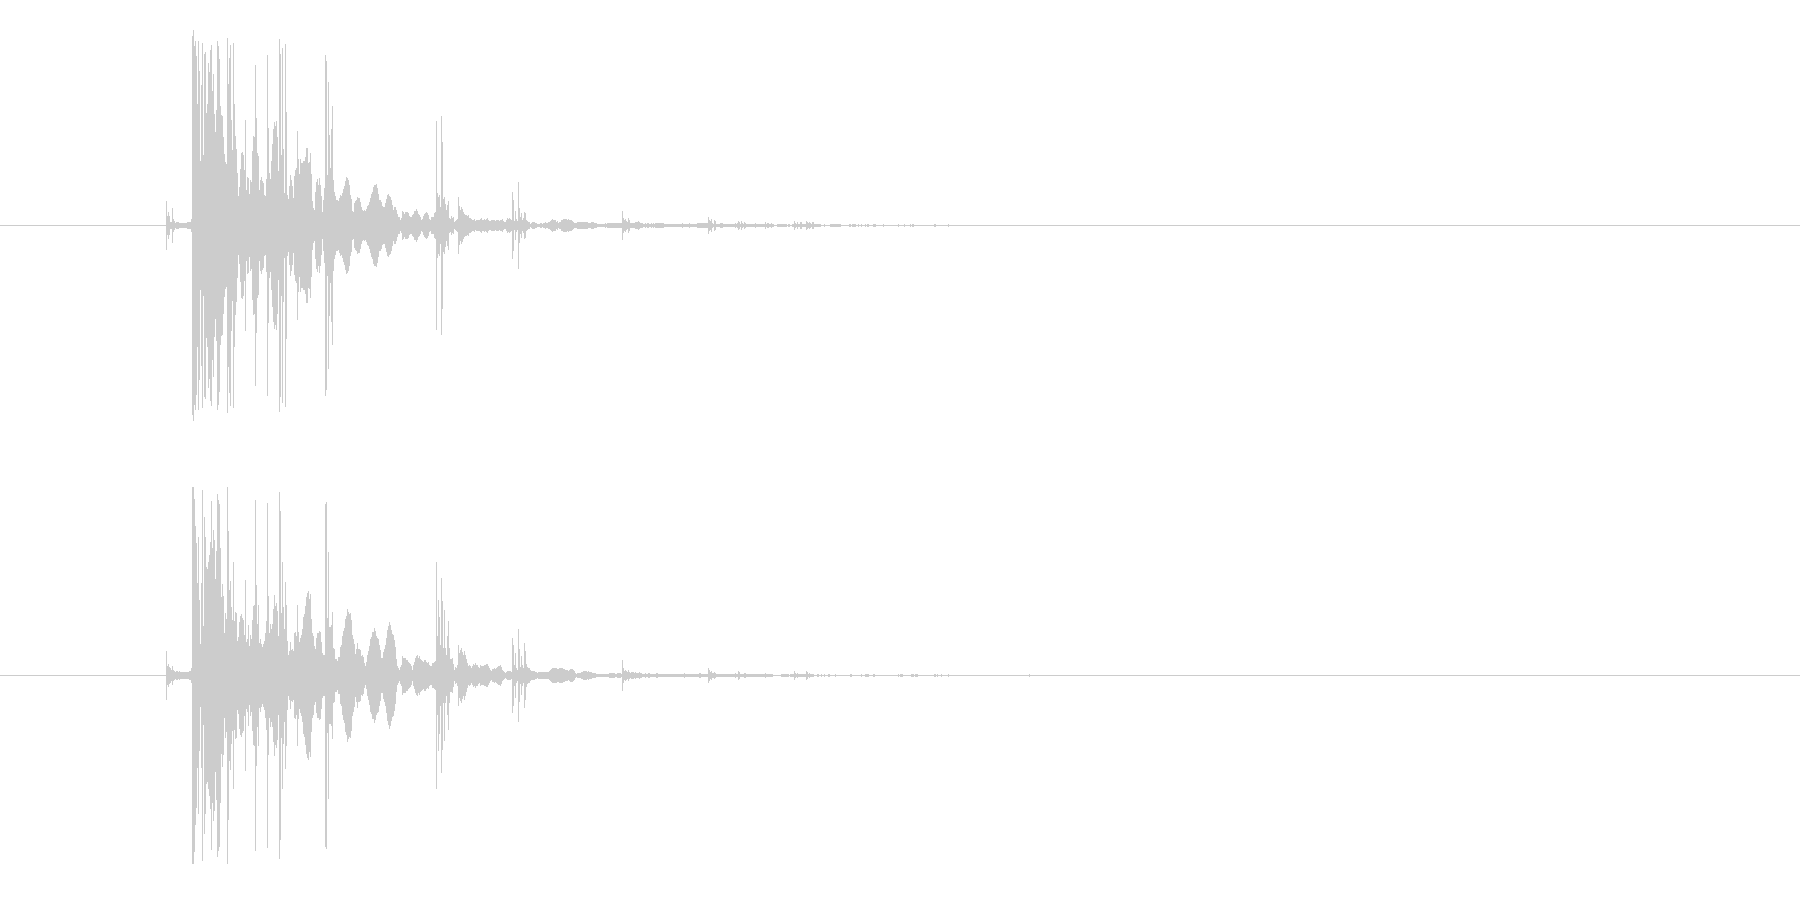 効果音、コイン, チャリーン、小銭、ド…の未再生の波形